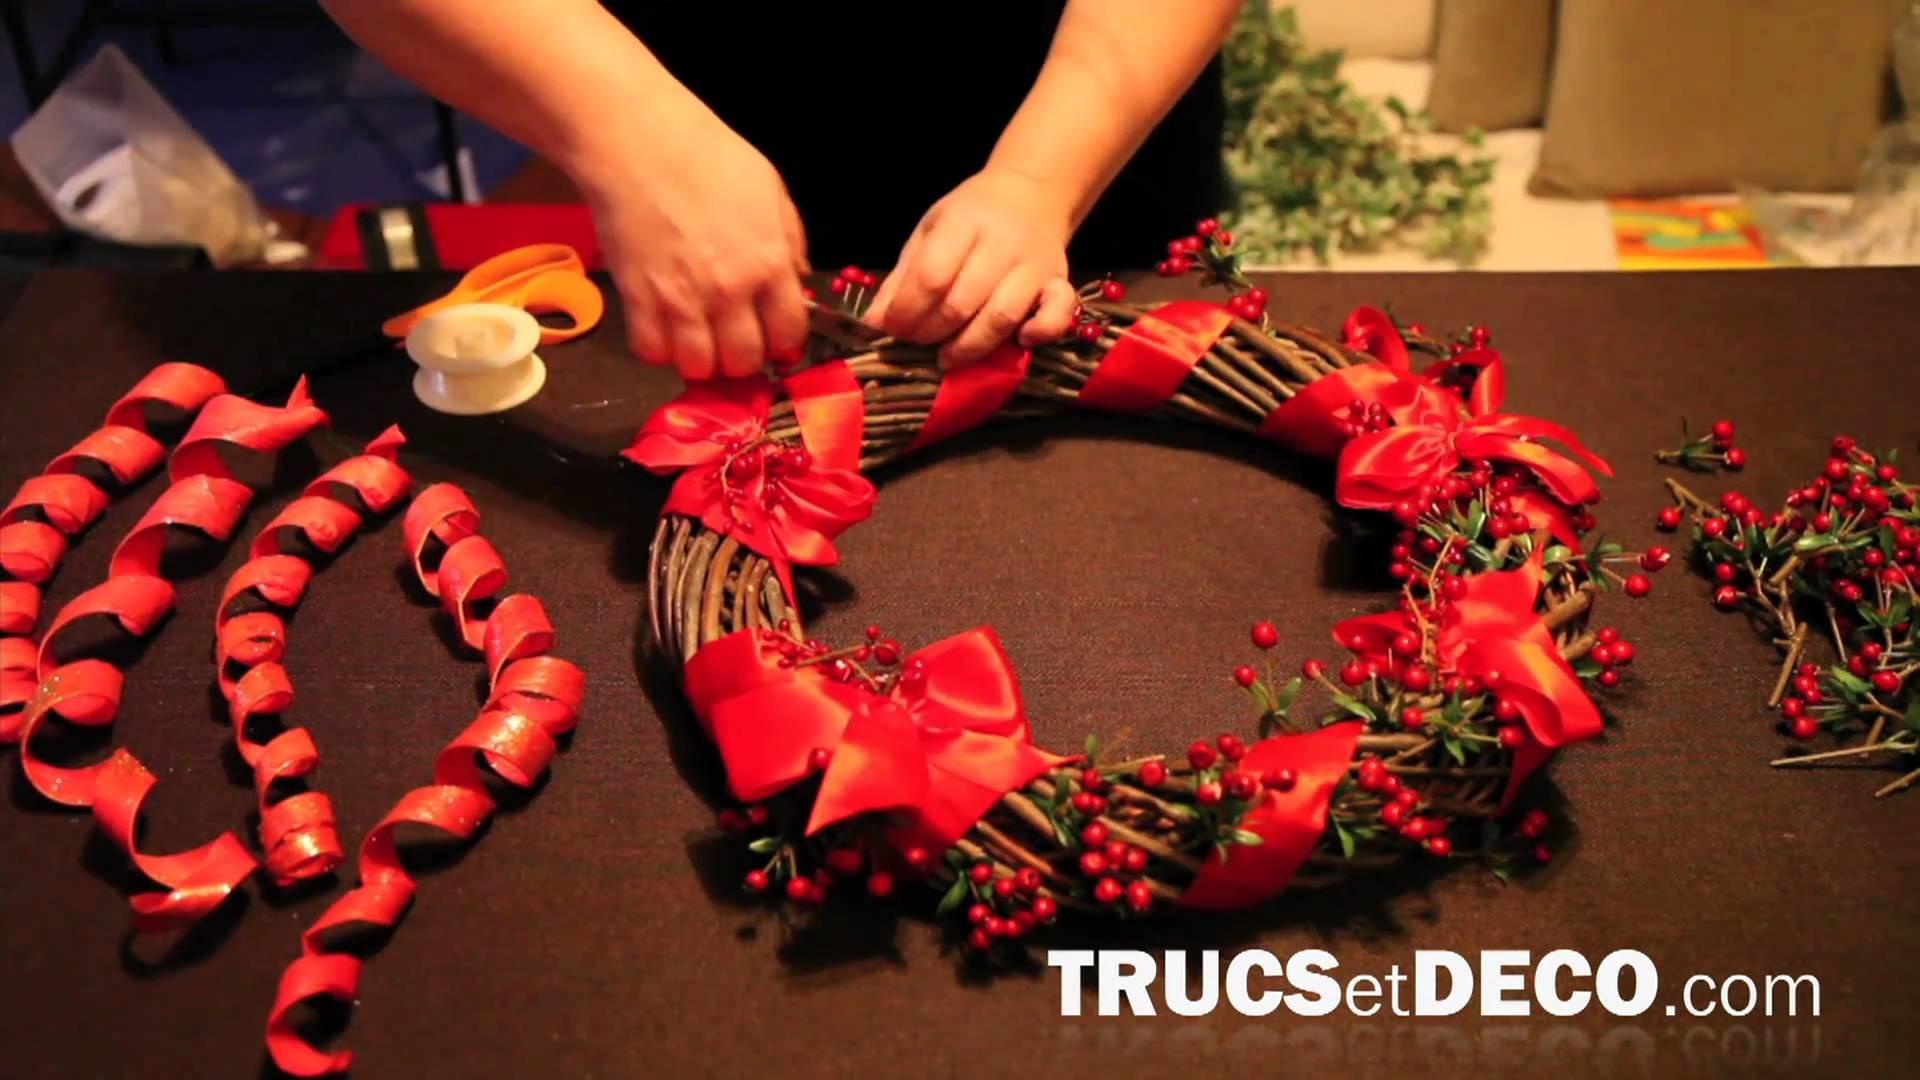 Faire une couronne de Noël - Tutoriel par trucsetdeco.com